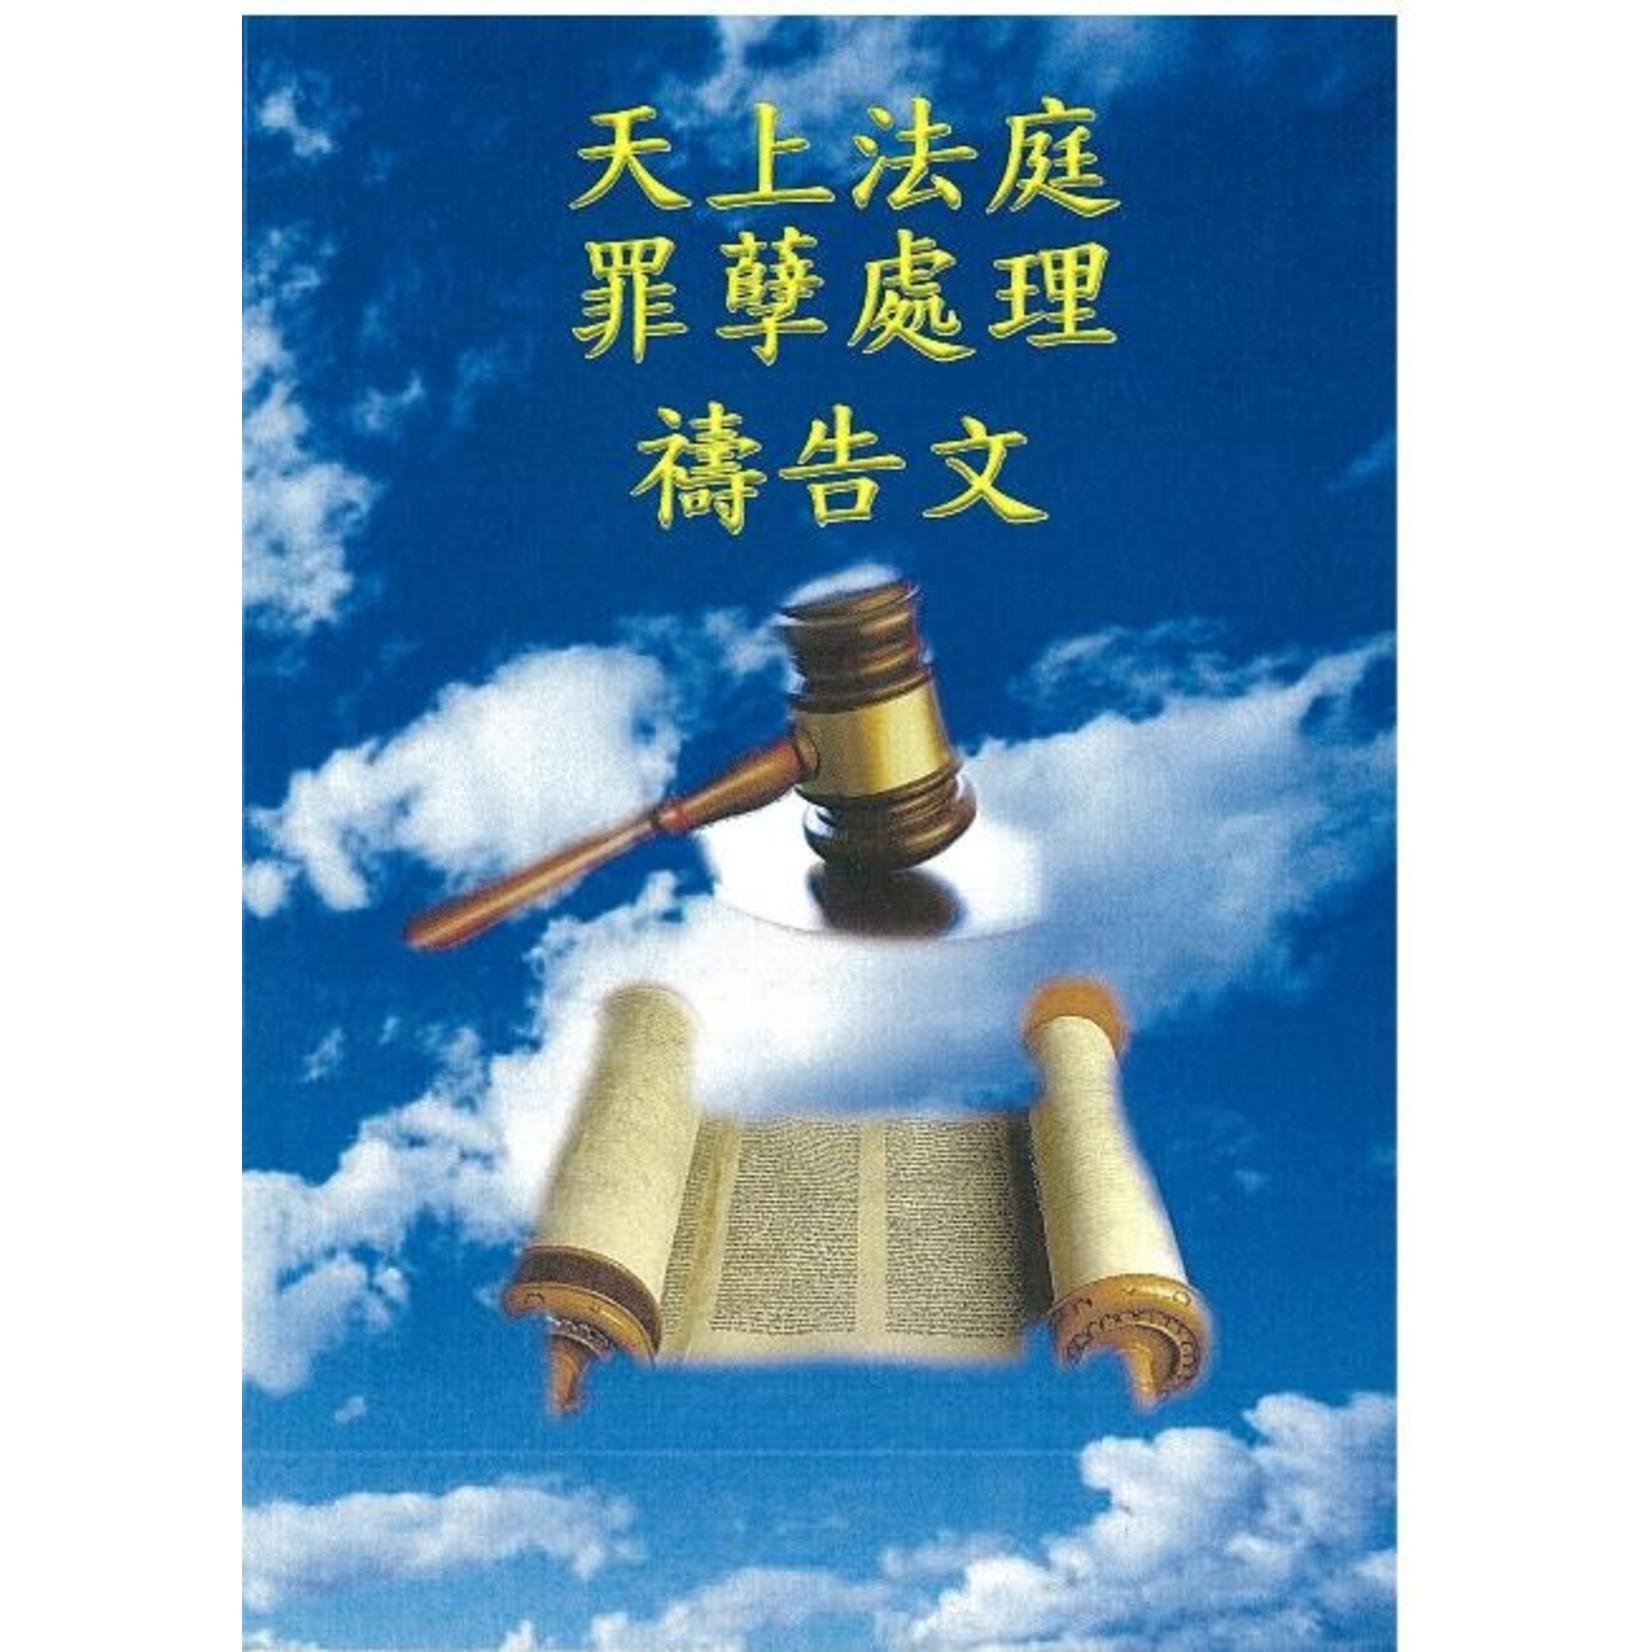 國度禱告網 (TW) 天上法庭罪孽處理禱告文